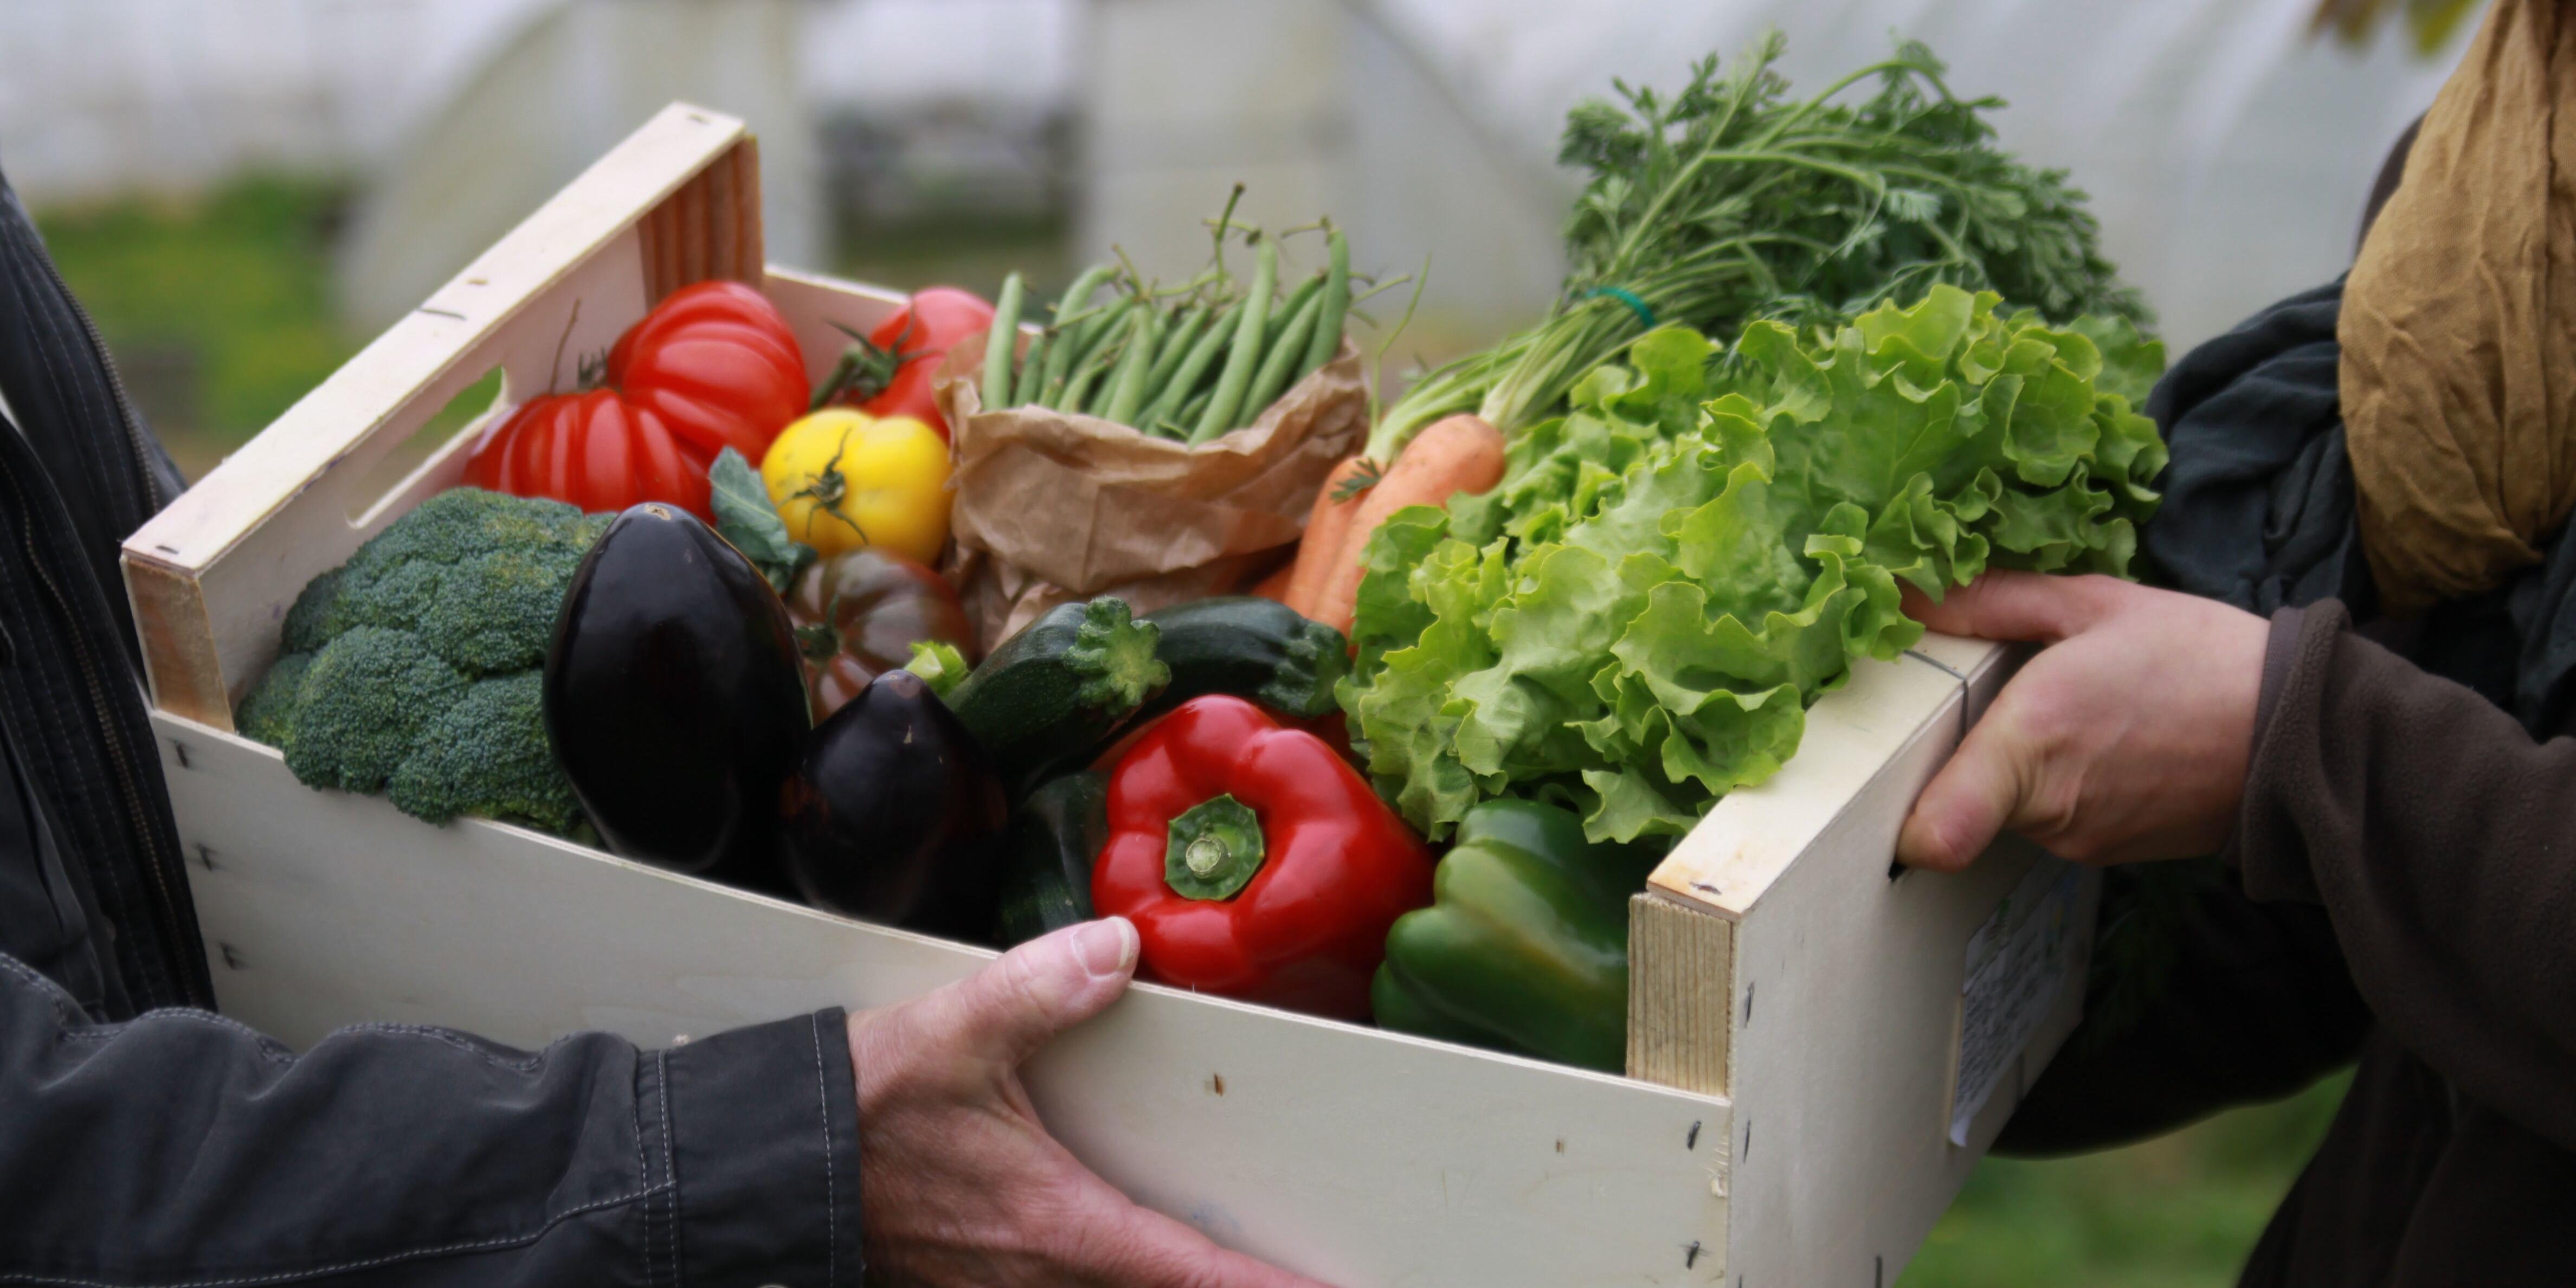 Alimentation et démocratie: rejoignons-nous maintenant, pour après